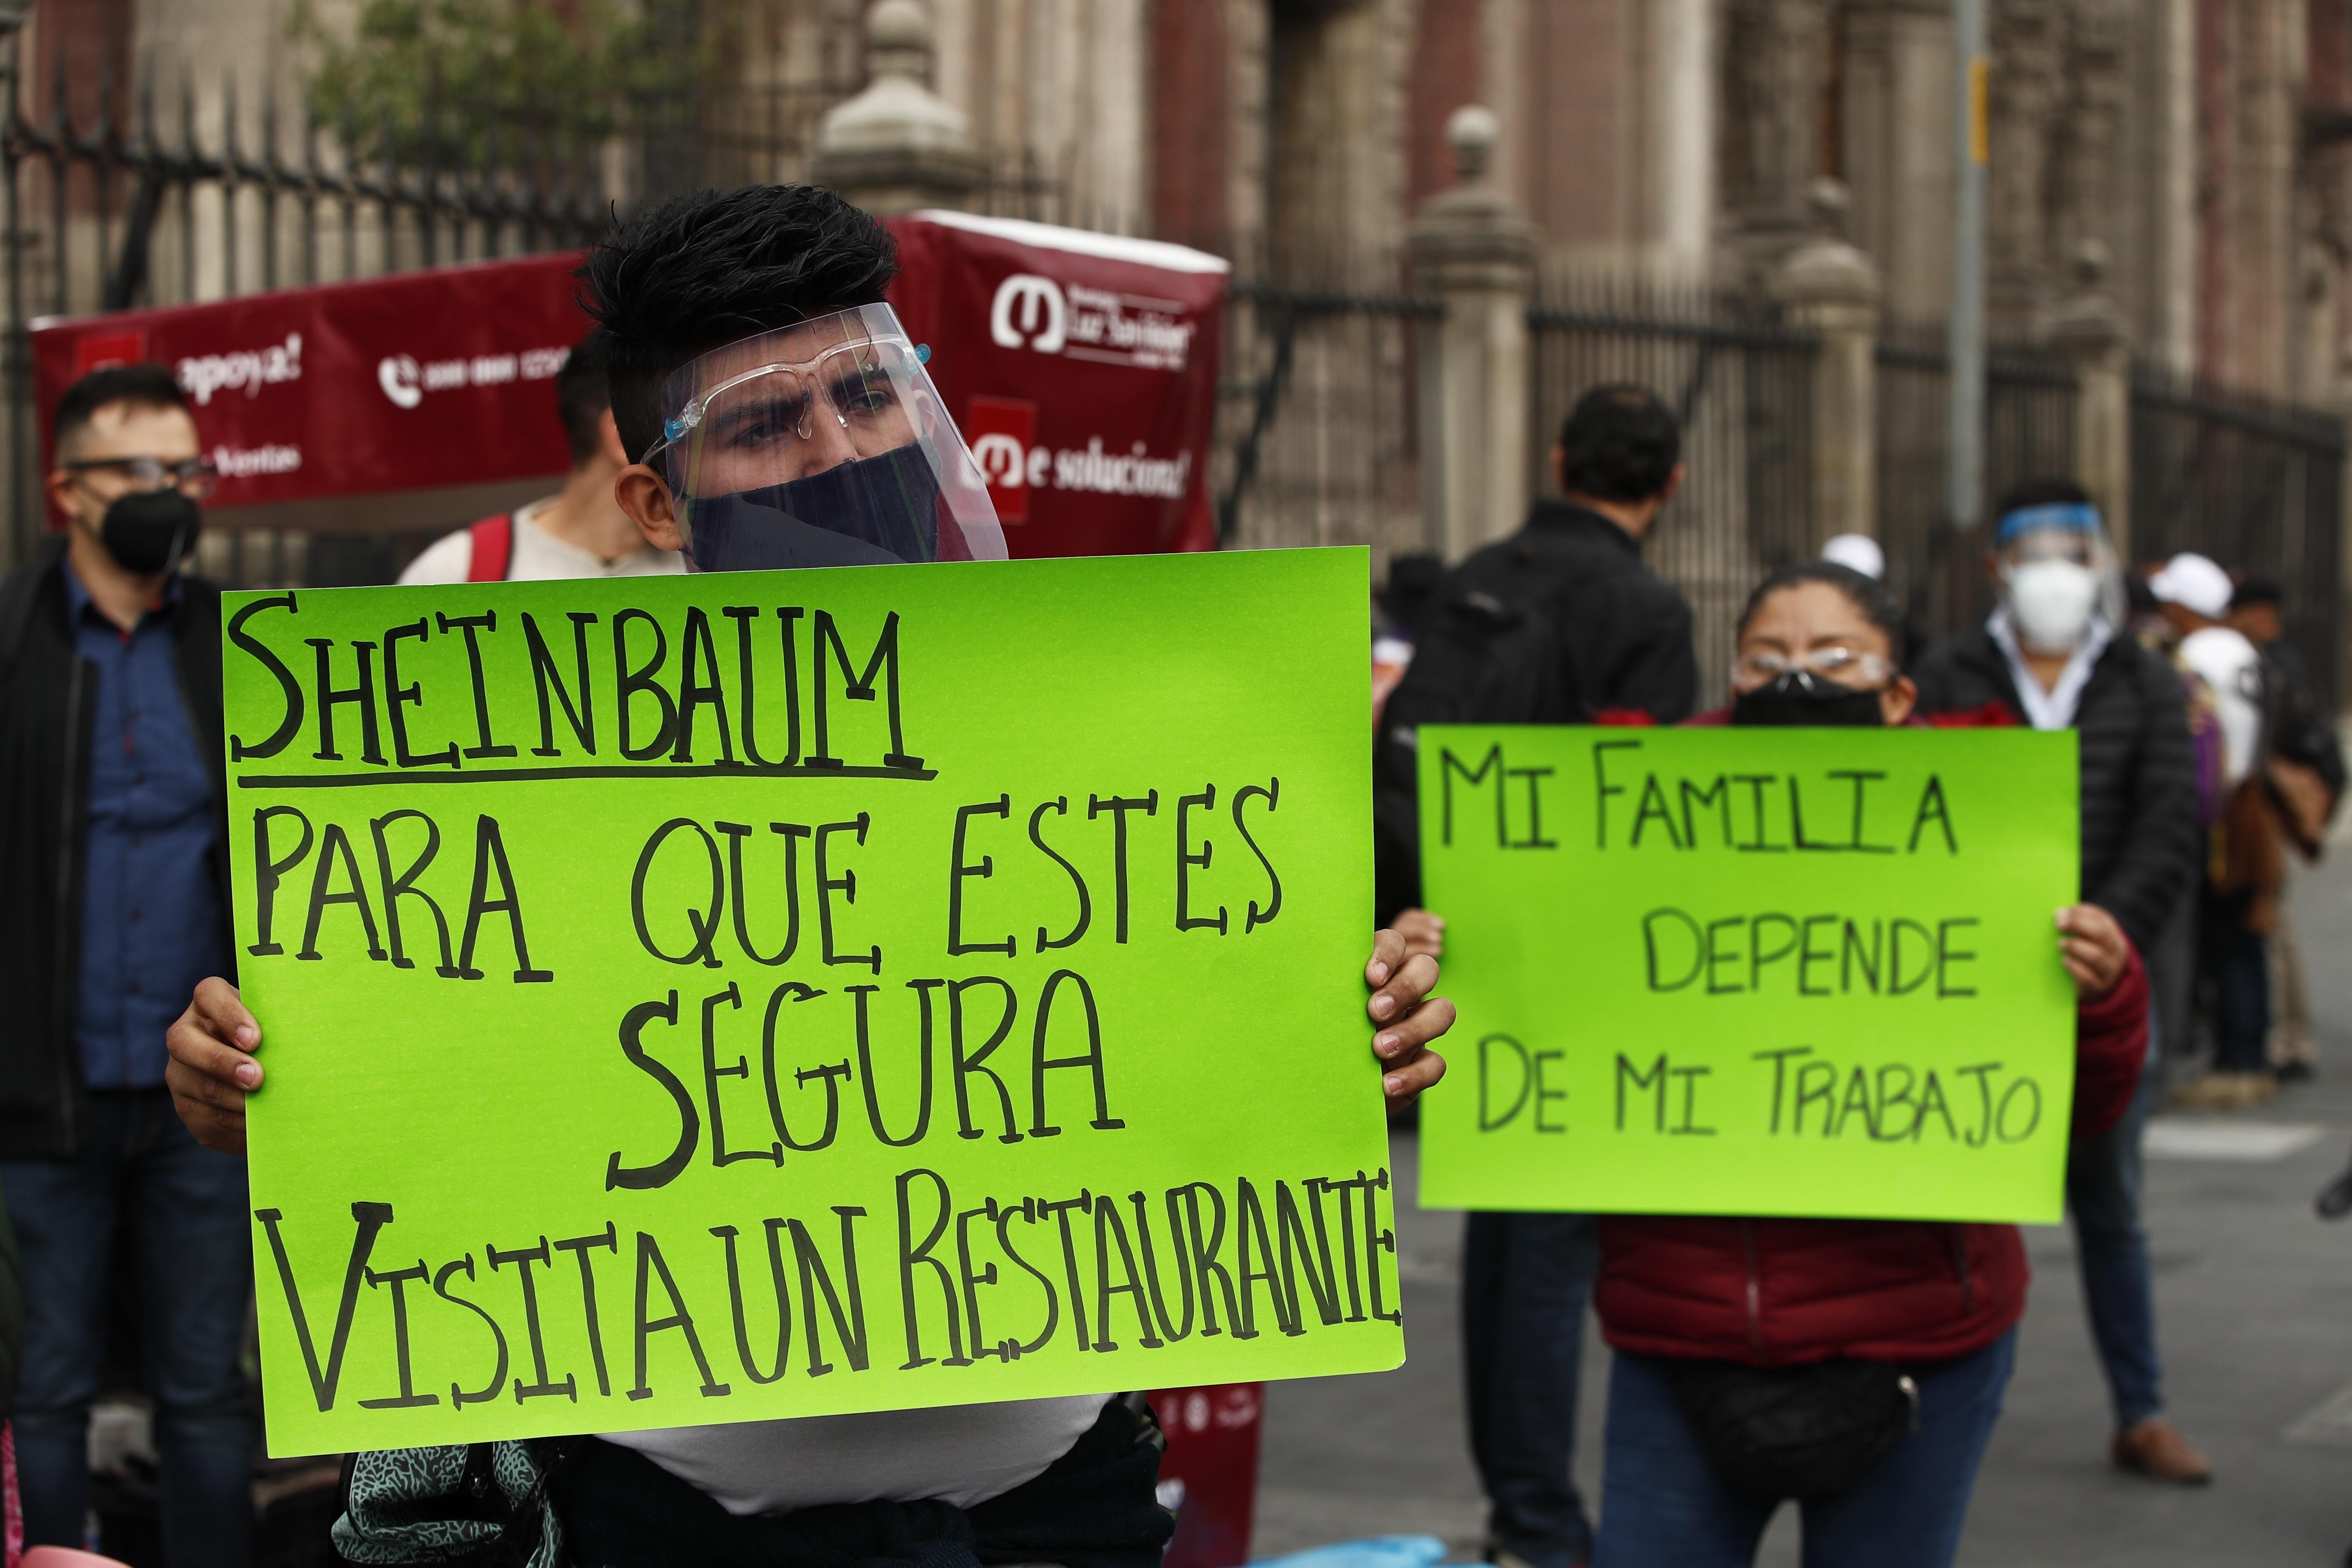 Restaurantes de la Ciudad de México exigieron este lunes poder reabrir a pesar del complejo momento de la pandemia en la capital y en todo el país, y aseguraron que algunos establecimientos funcionarán esta semana desesperados por la ausencia de ingresos. 11 de enero de 2021.